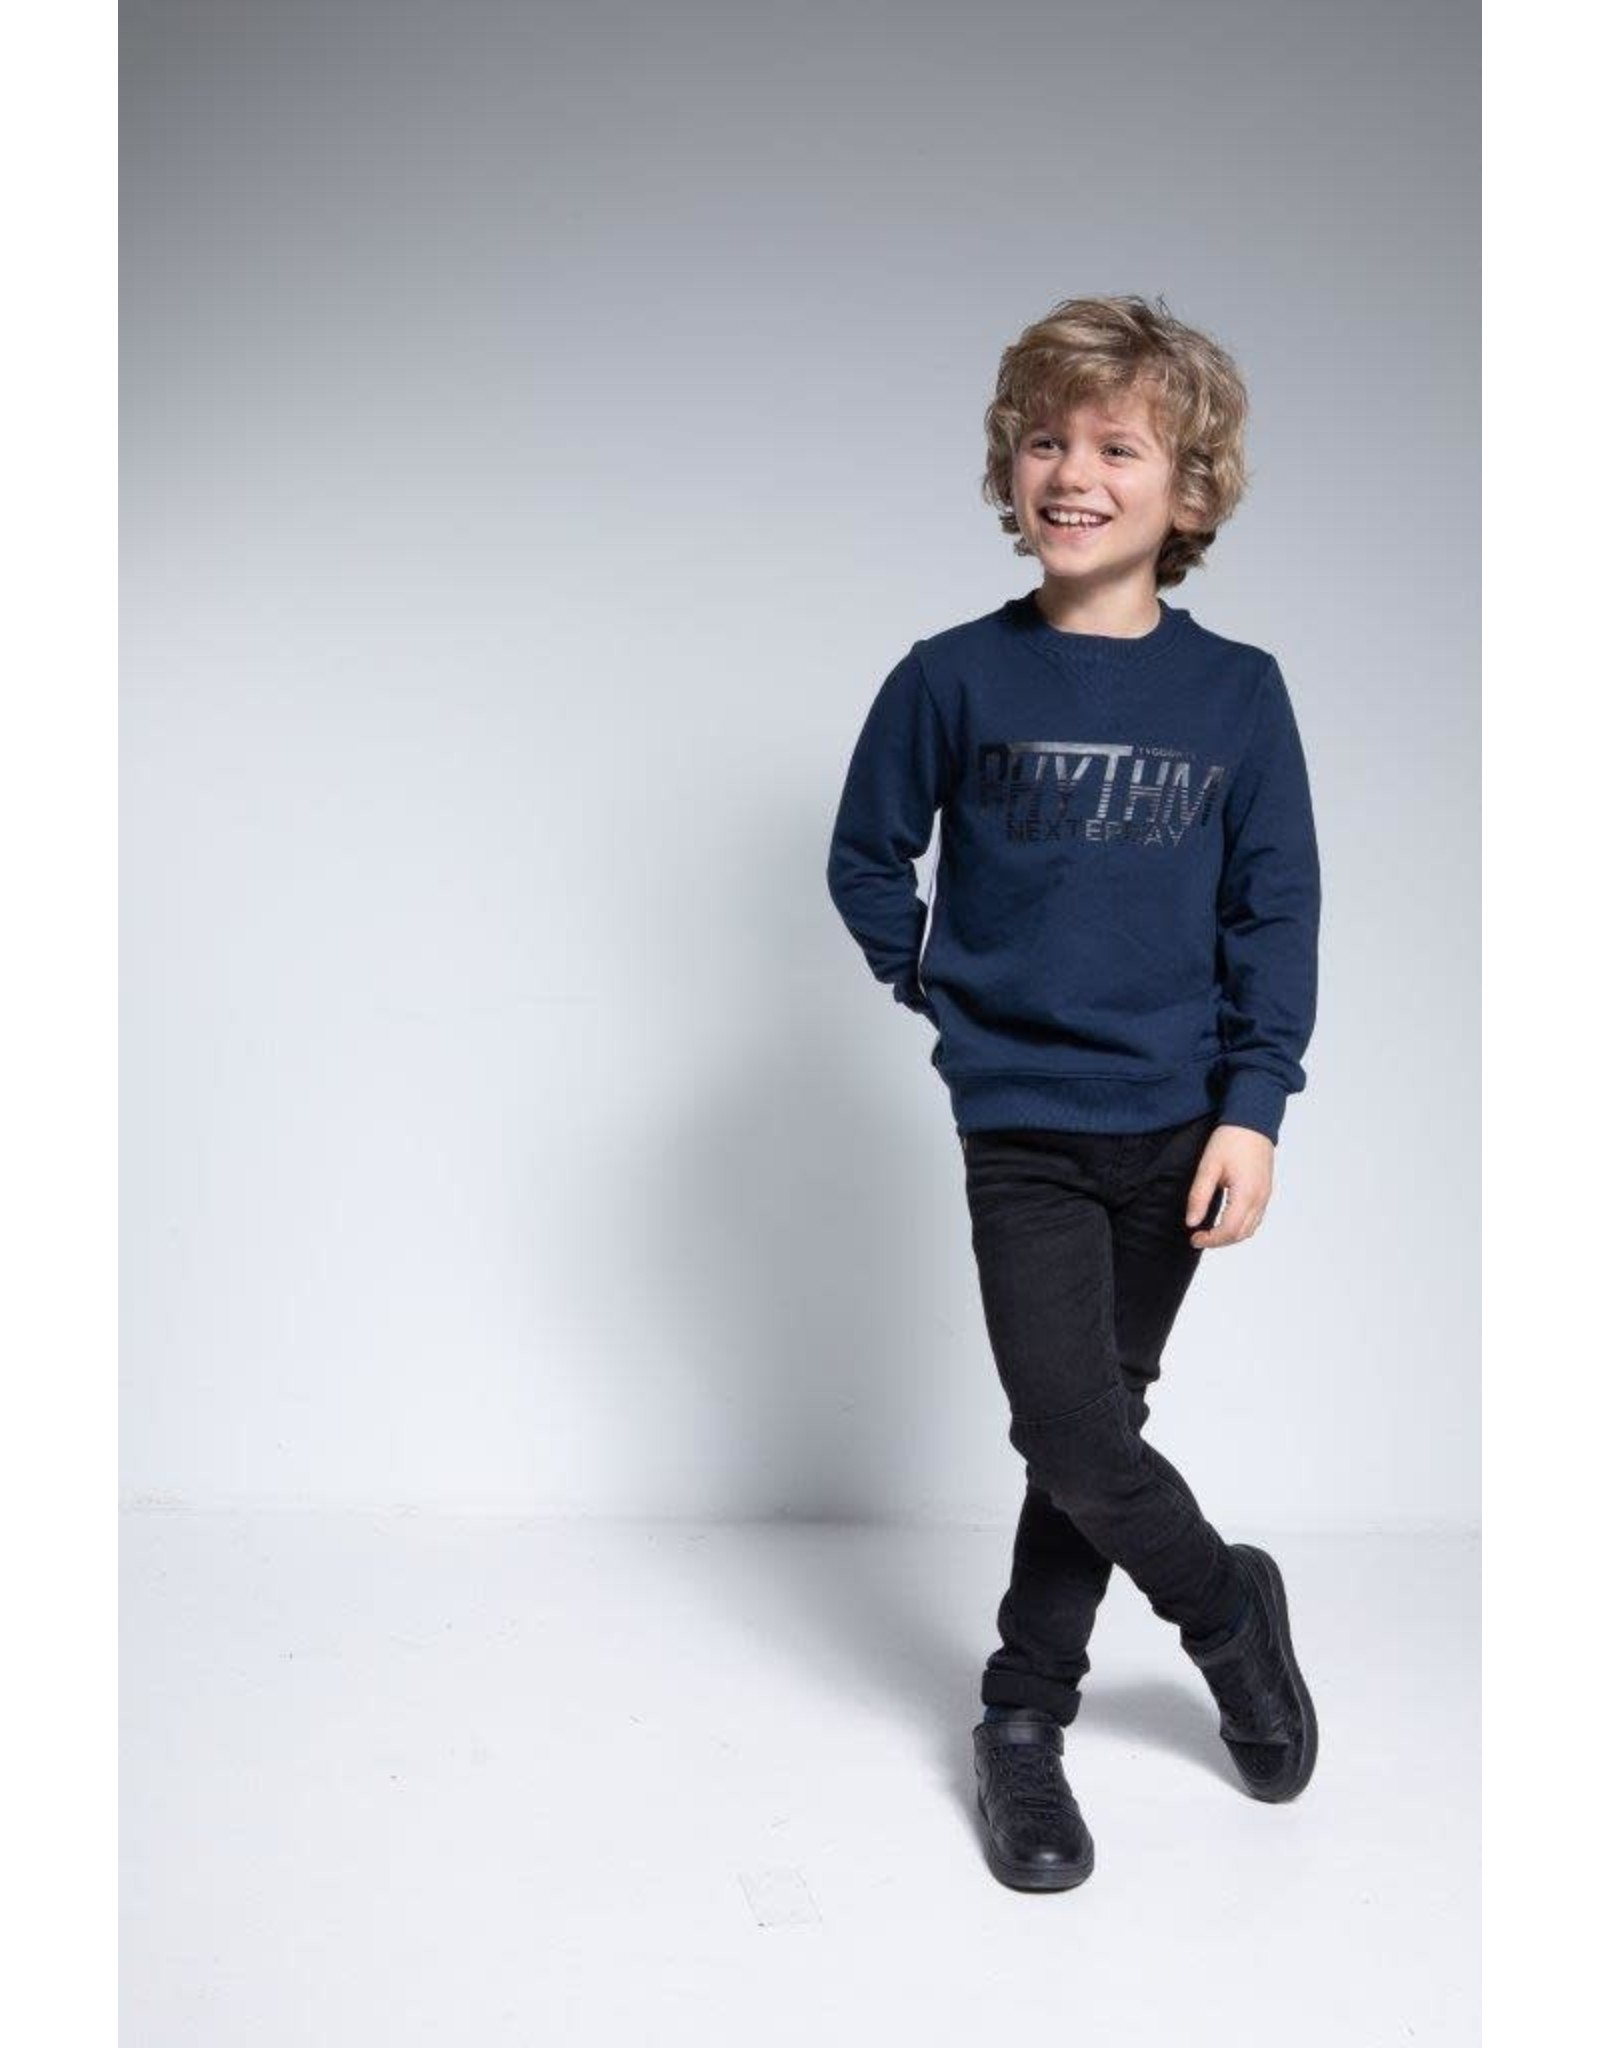 TYGO & vito TYGO & vito jongens sweater Rhythm Navy